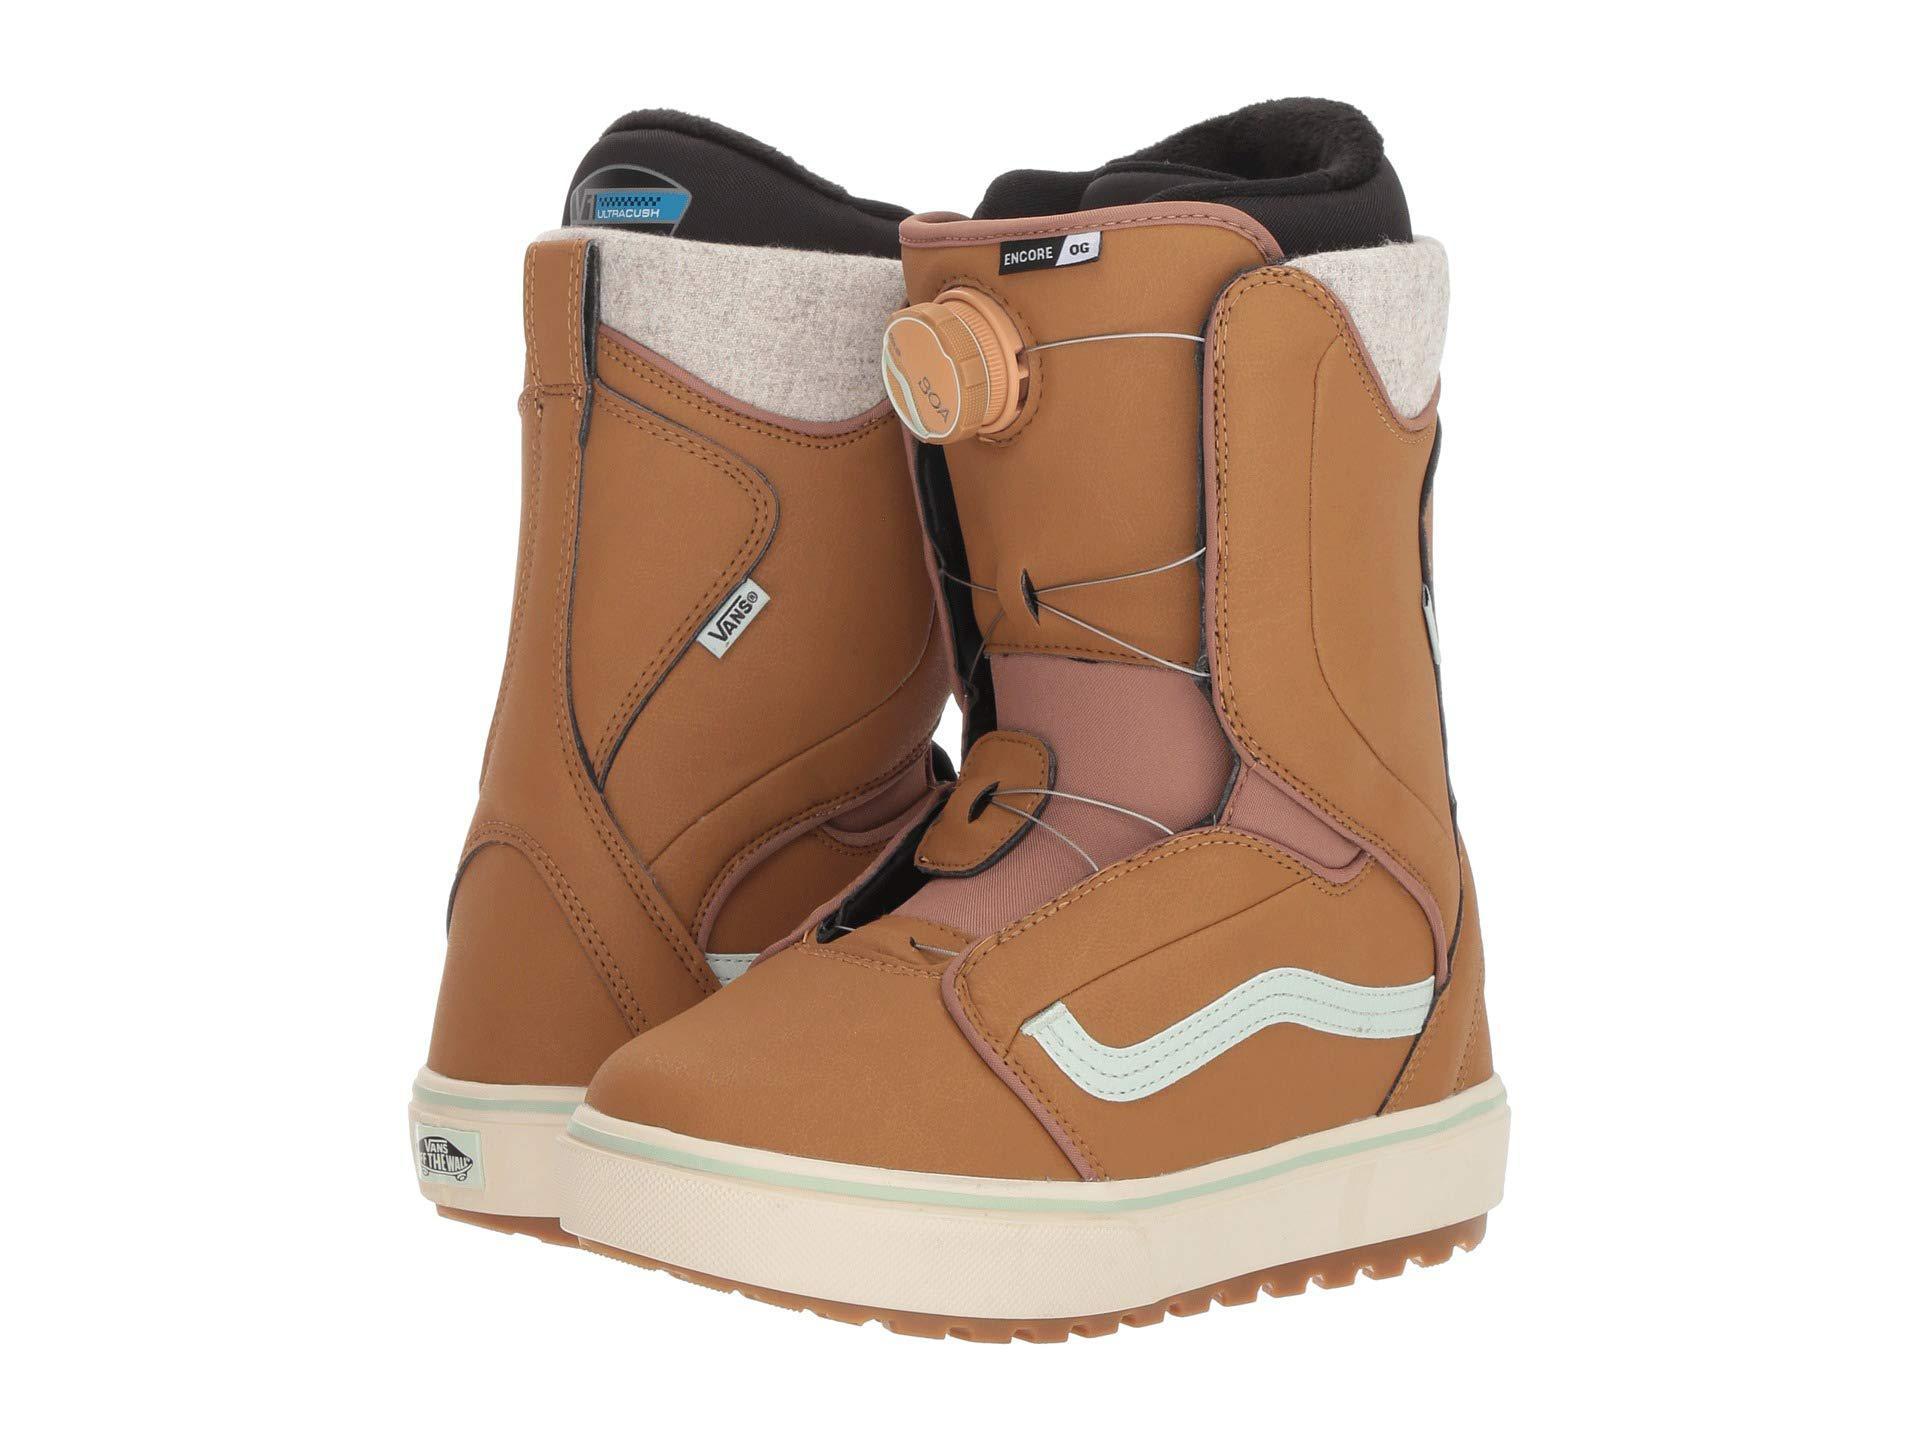 buy \u003e vans winter shoes women, Up to 71